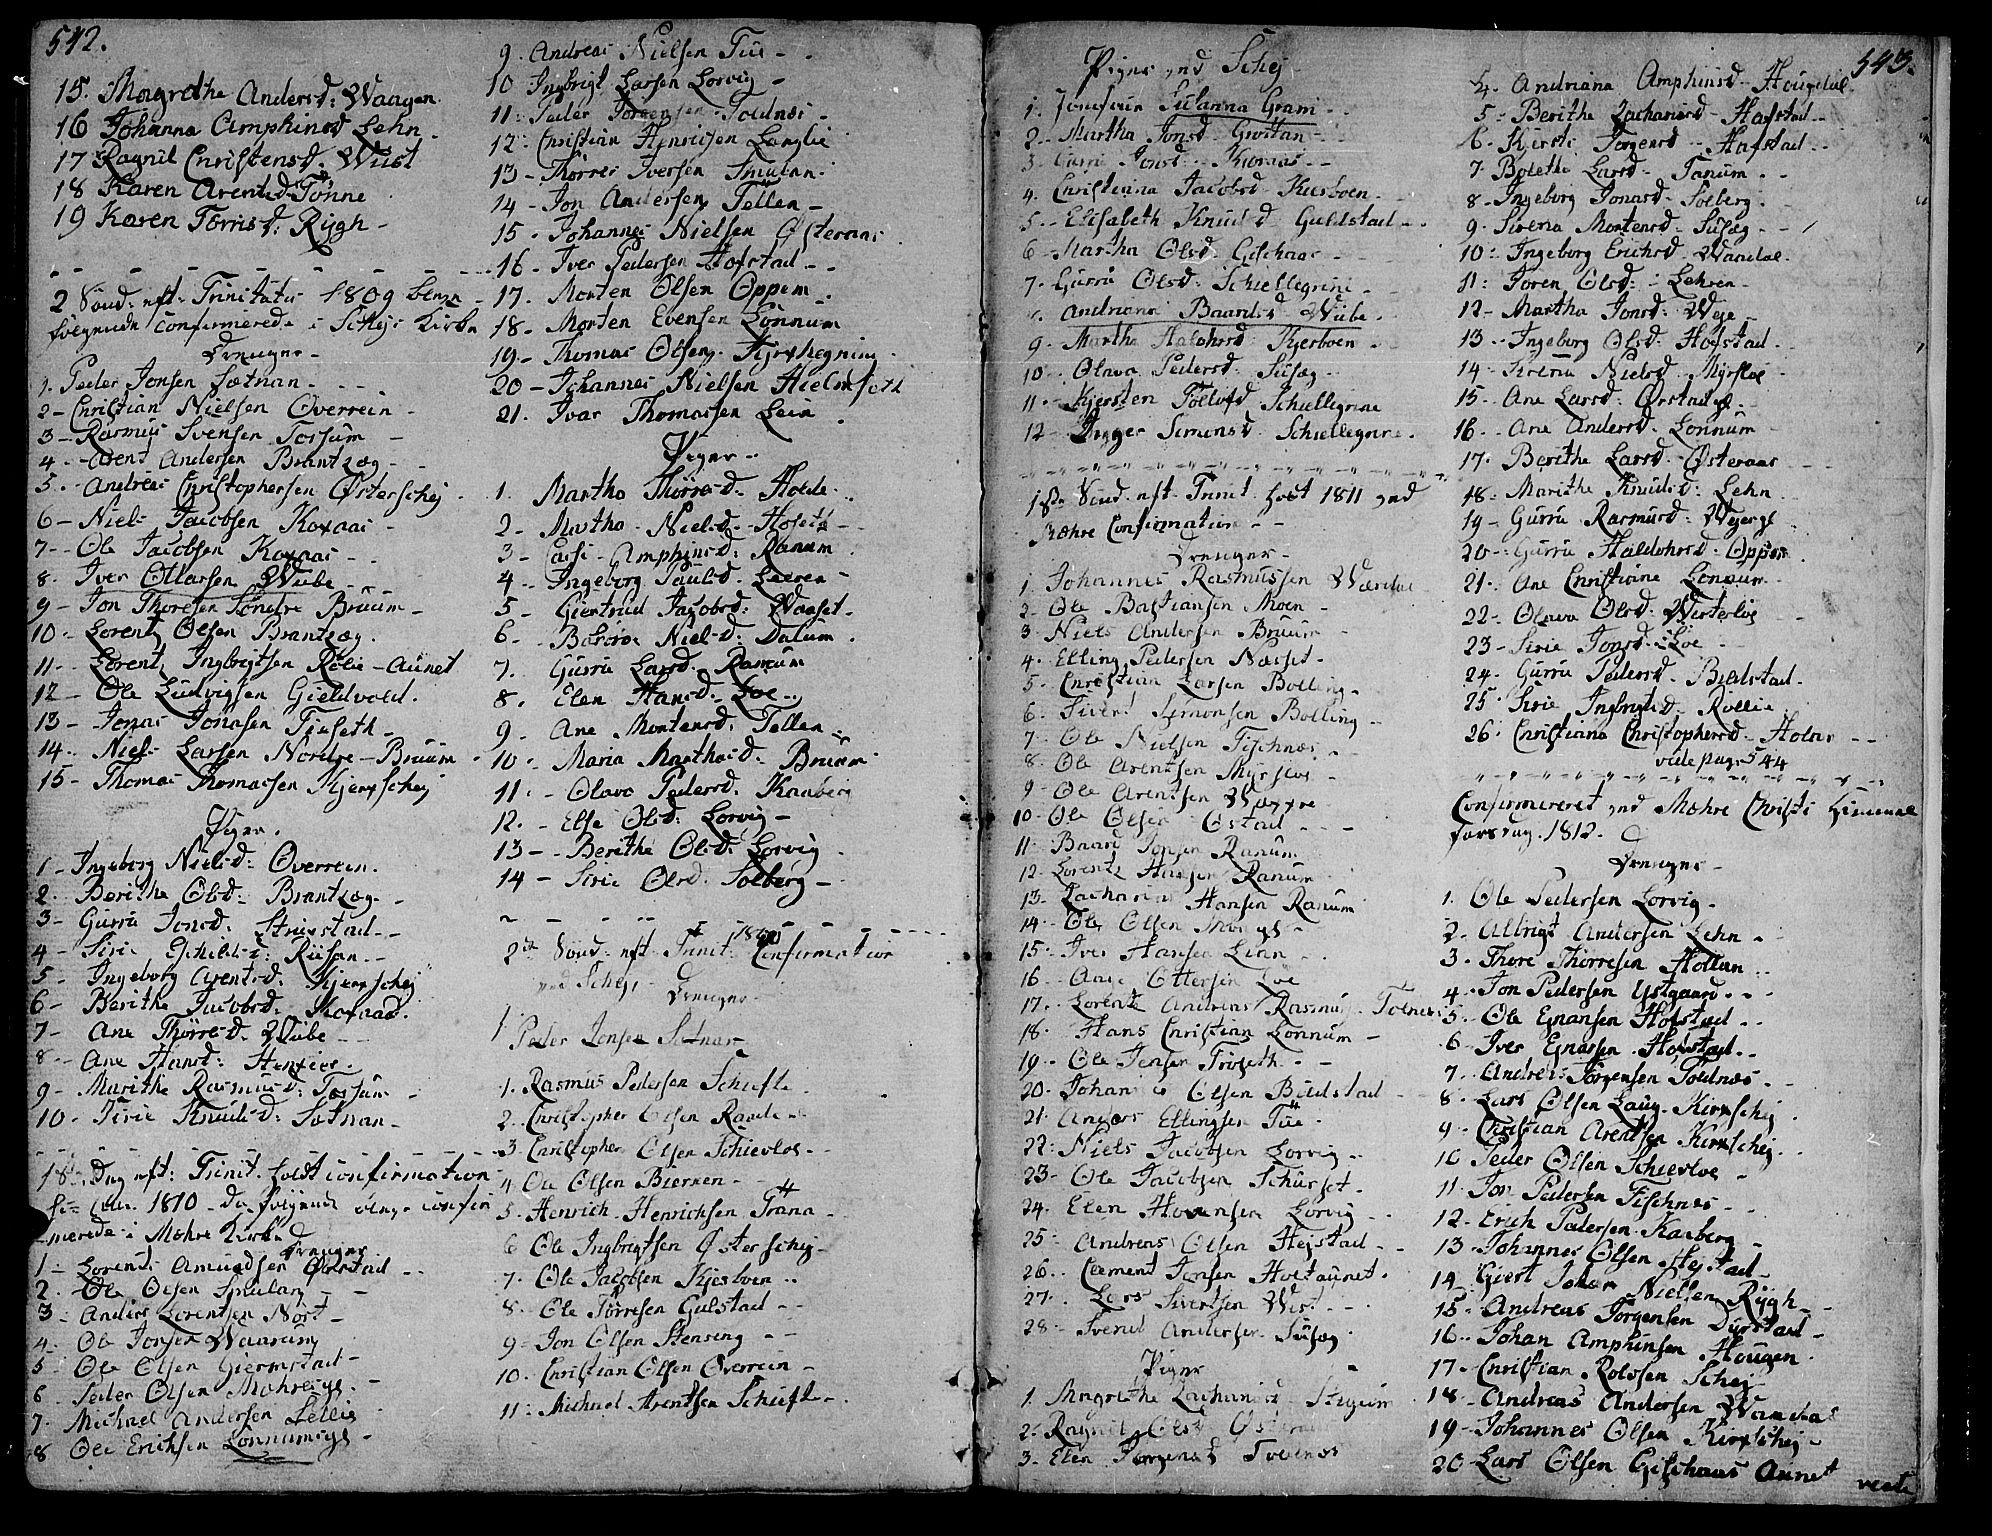 SAT, Ministerialprotokoller, klokkerbøker og fødselsregistre - Nord-Trøndelag, 735/L0332: Ministerialbok nr. 735A03, 1795-1816, s. 542-543